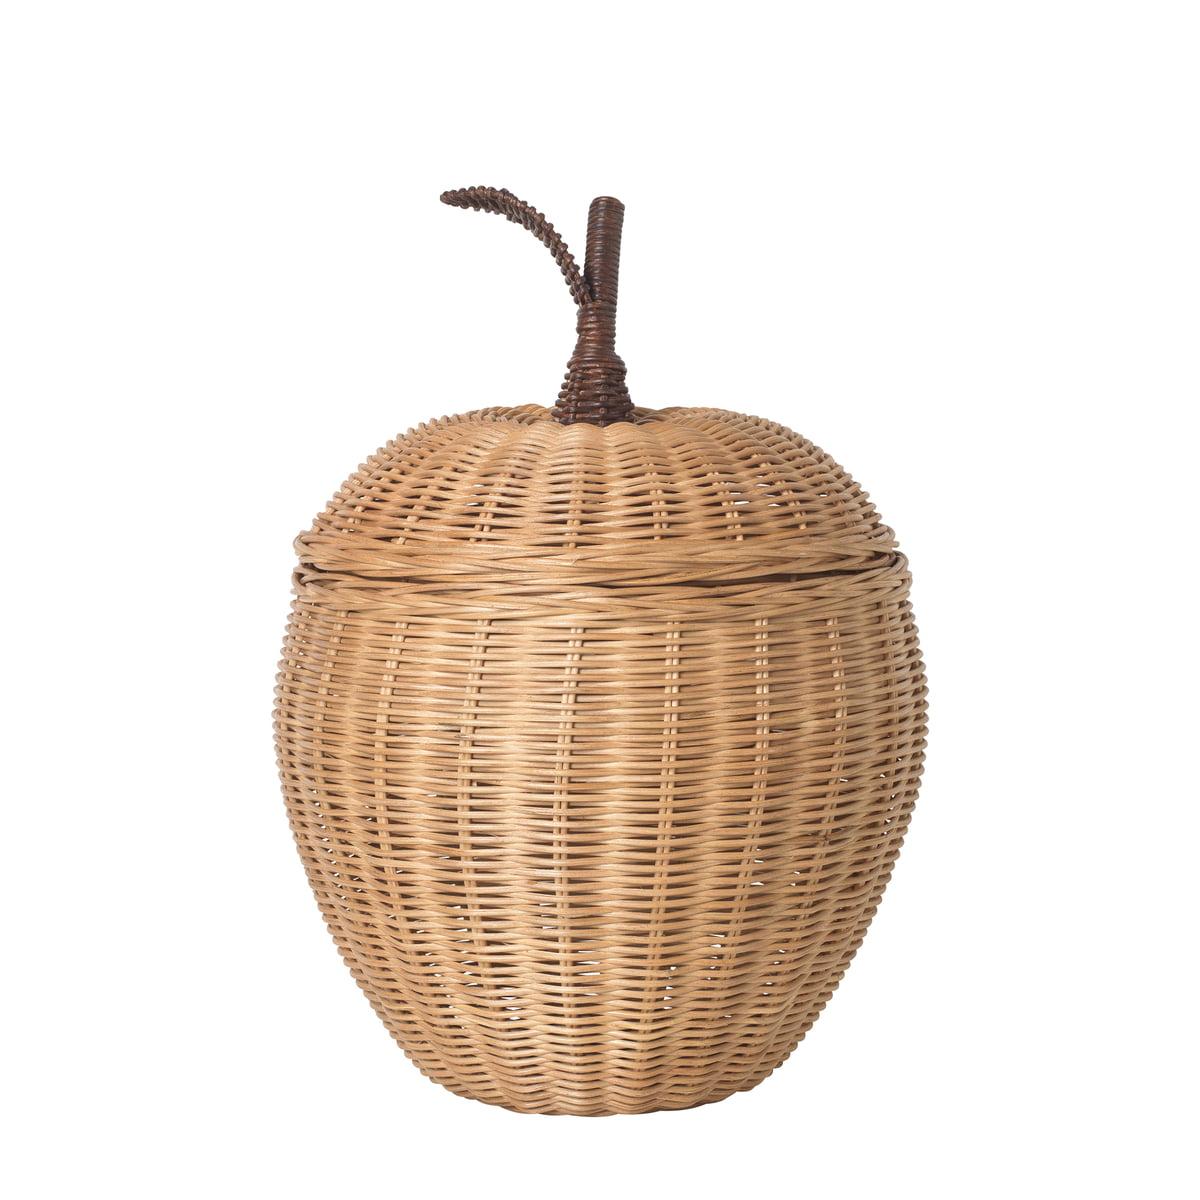 ferm LIVING - Geflochtener Apfel-Aufbewahrungskorb, Ø 19 x H 30 cm, Rattan